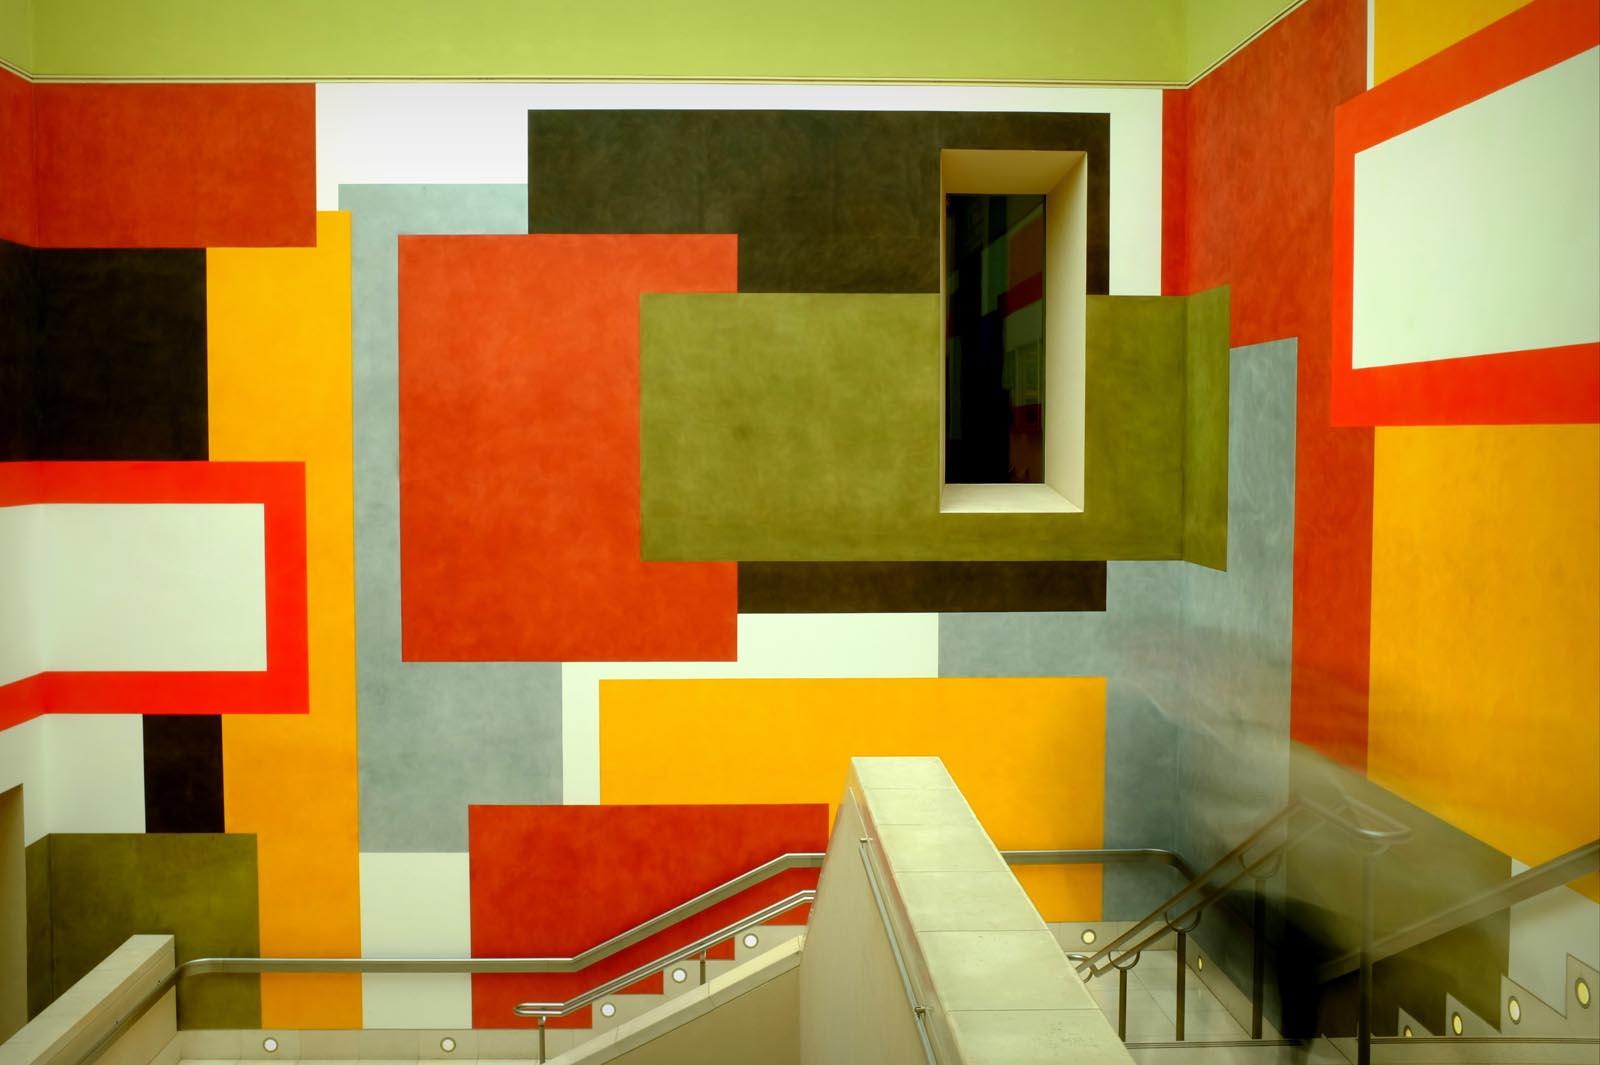 tate_britain_stairs